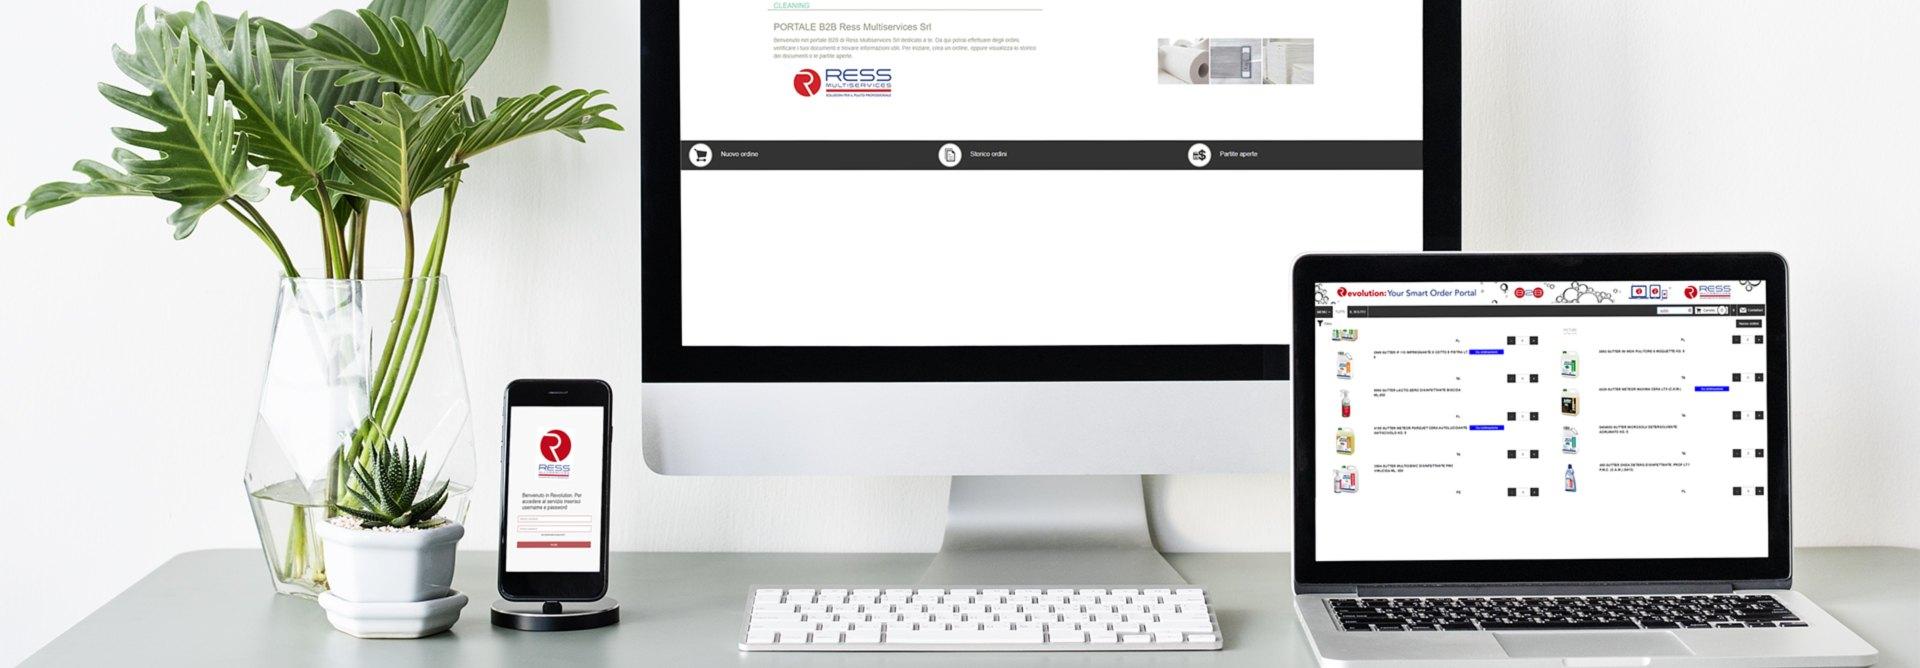 Portale acquisti online Ress